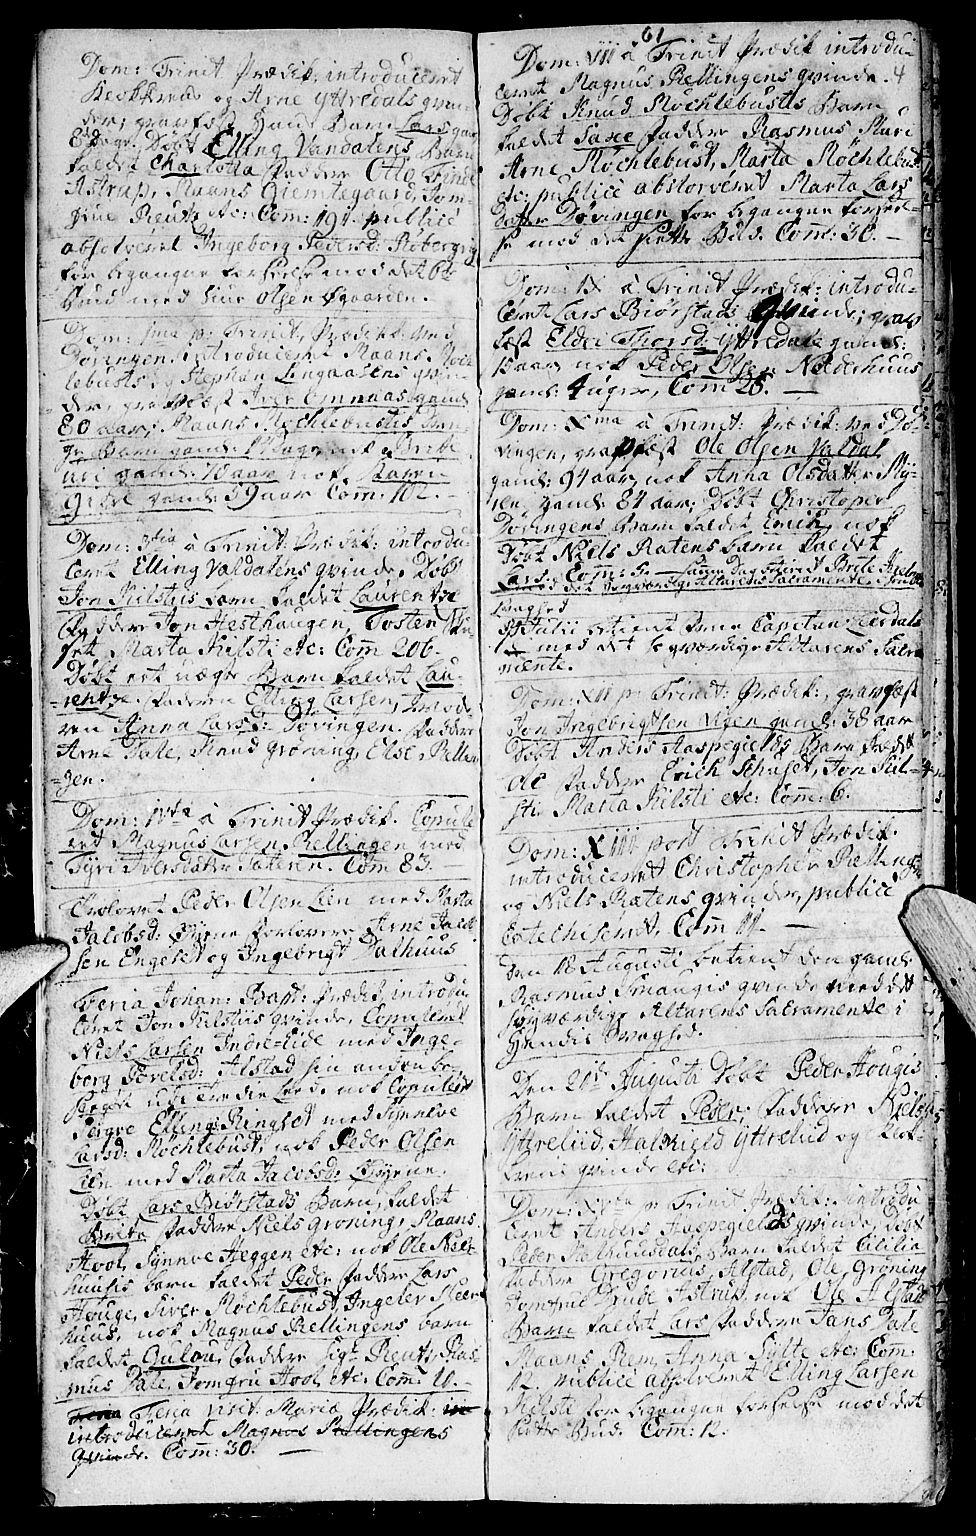 SAT, Ministerialprotokoller, klokkerbøker og fødselsregistre - Møre og Romsdal, 519/L0243: Ministerialbok nr. 519A02, 1760-1770, s. 3-4